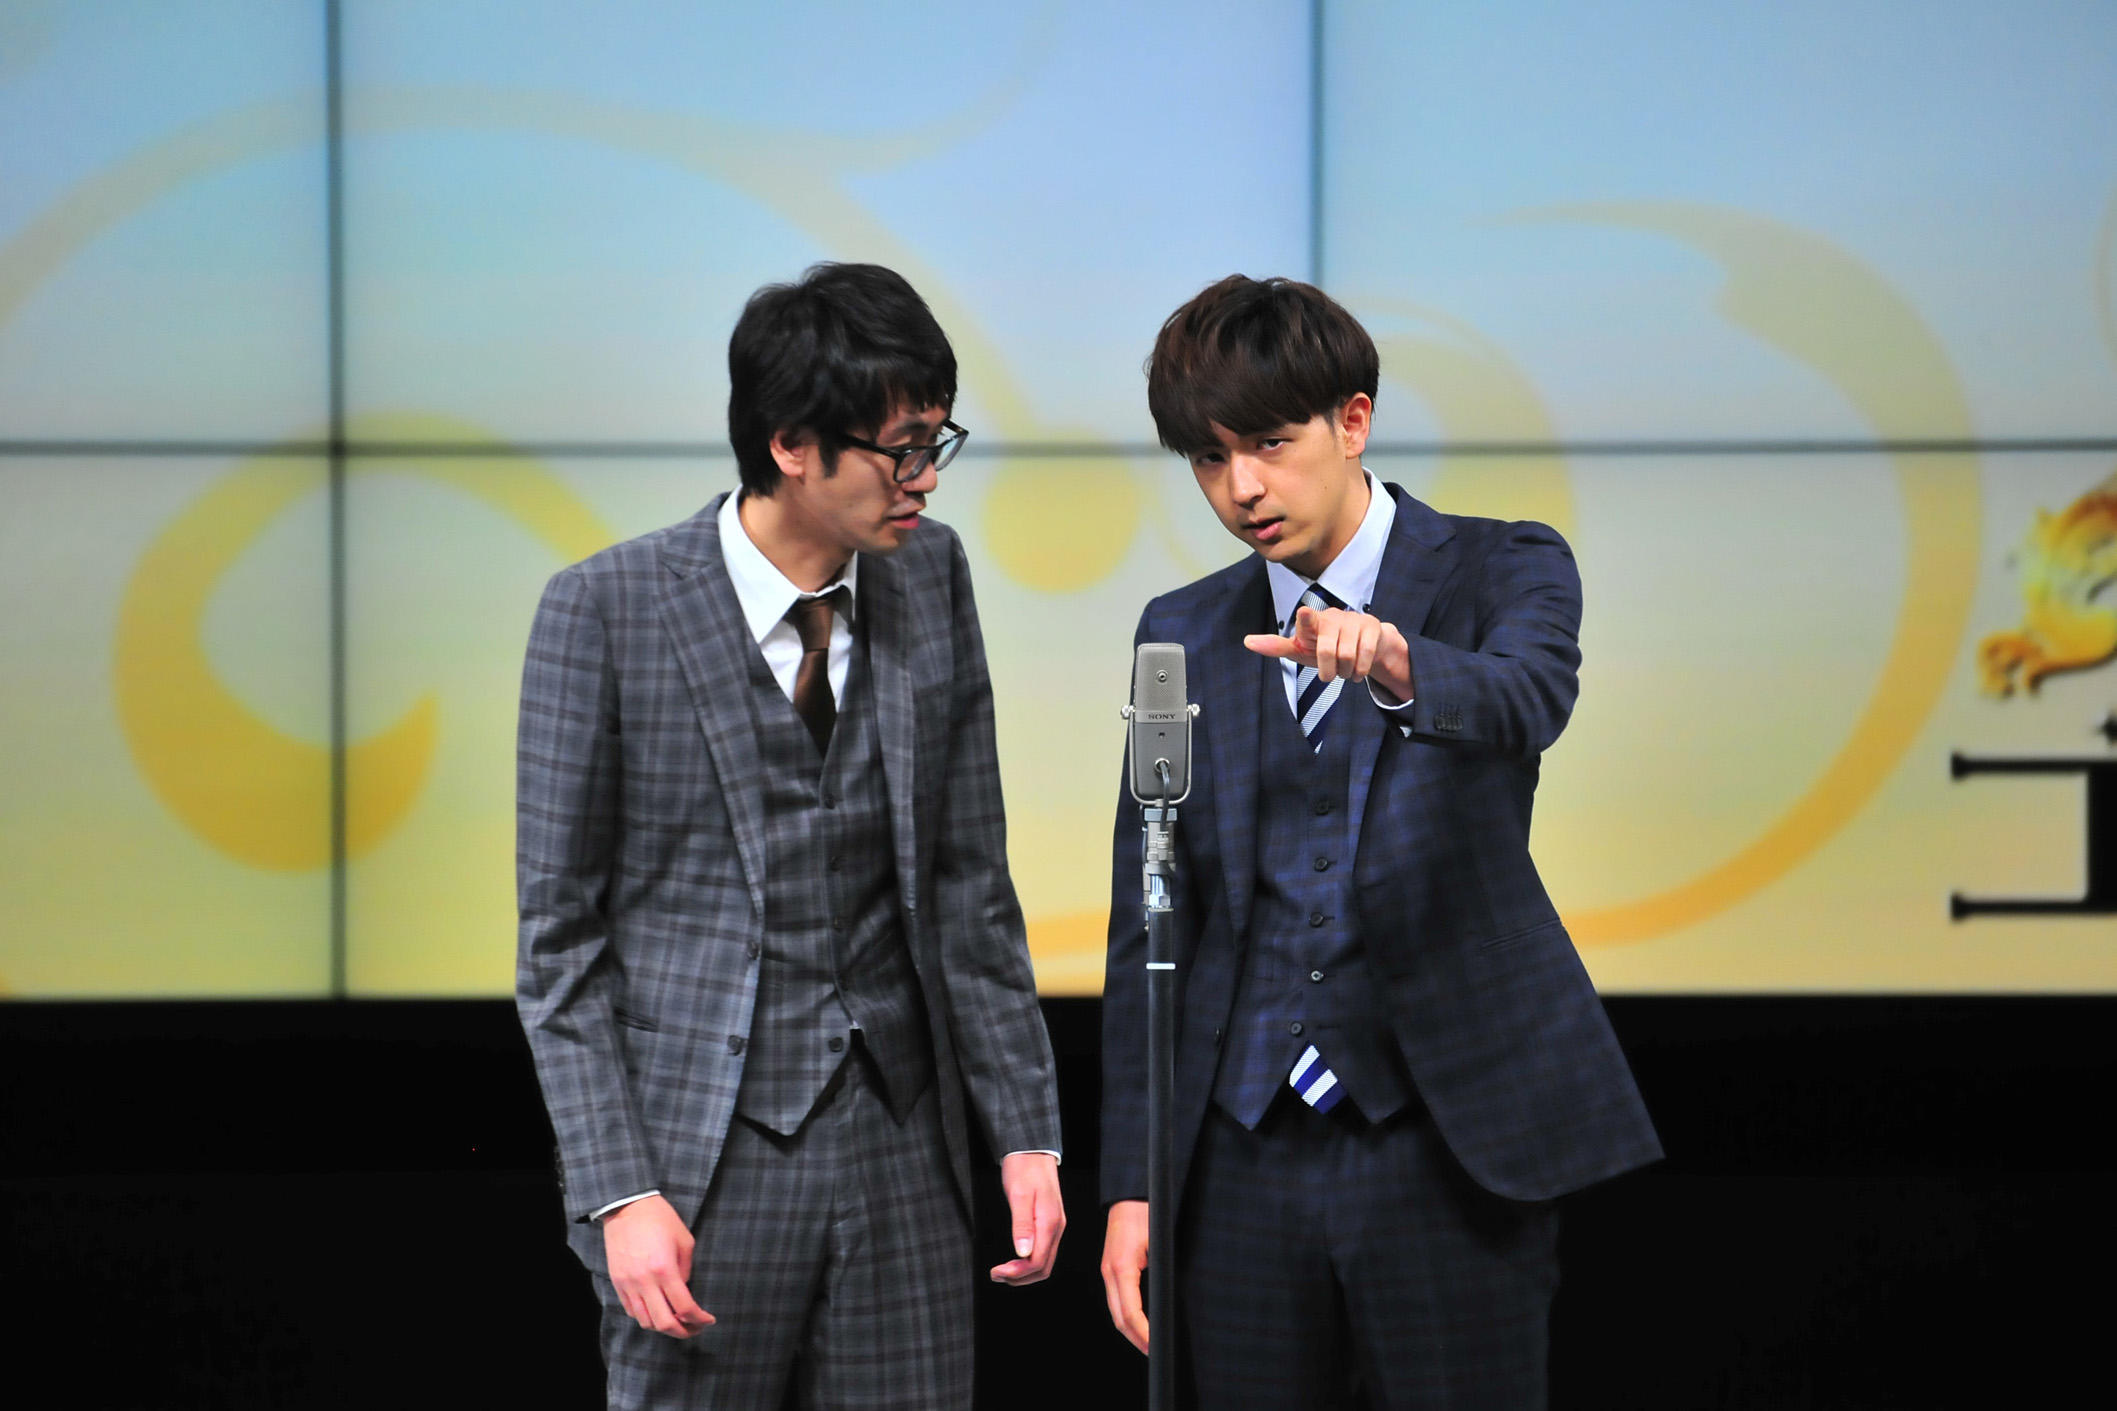 http://news.yoshimoto.co.jp/20160429203953-fbac8d59d366ceb81b6dc46f4c98be6351f409f0.jpg